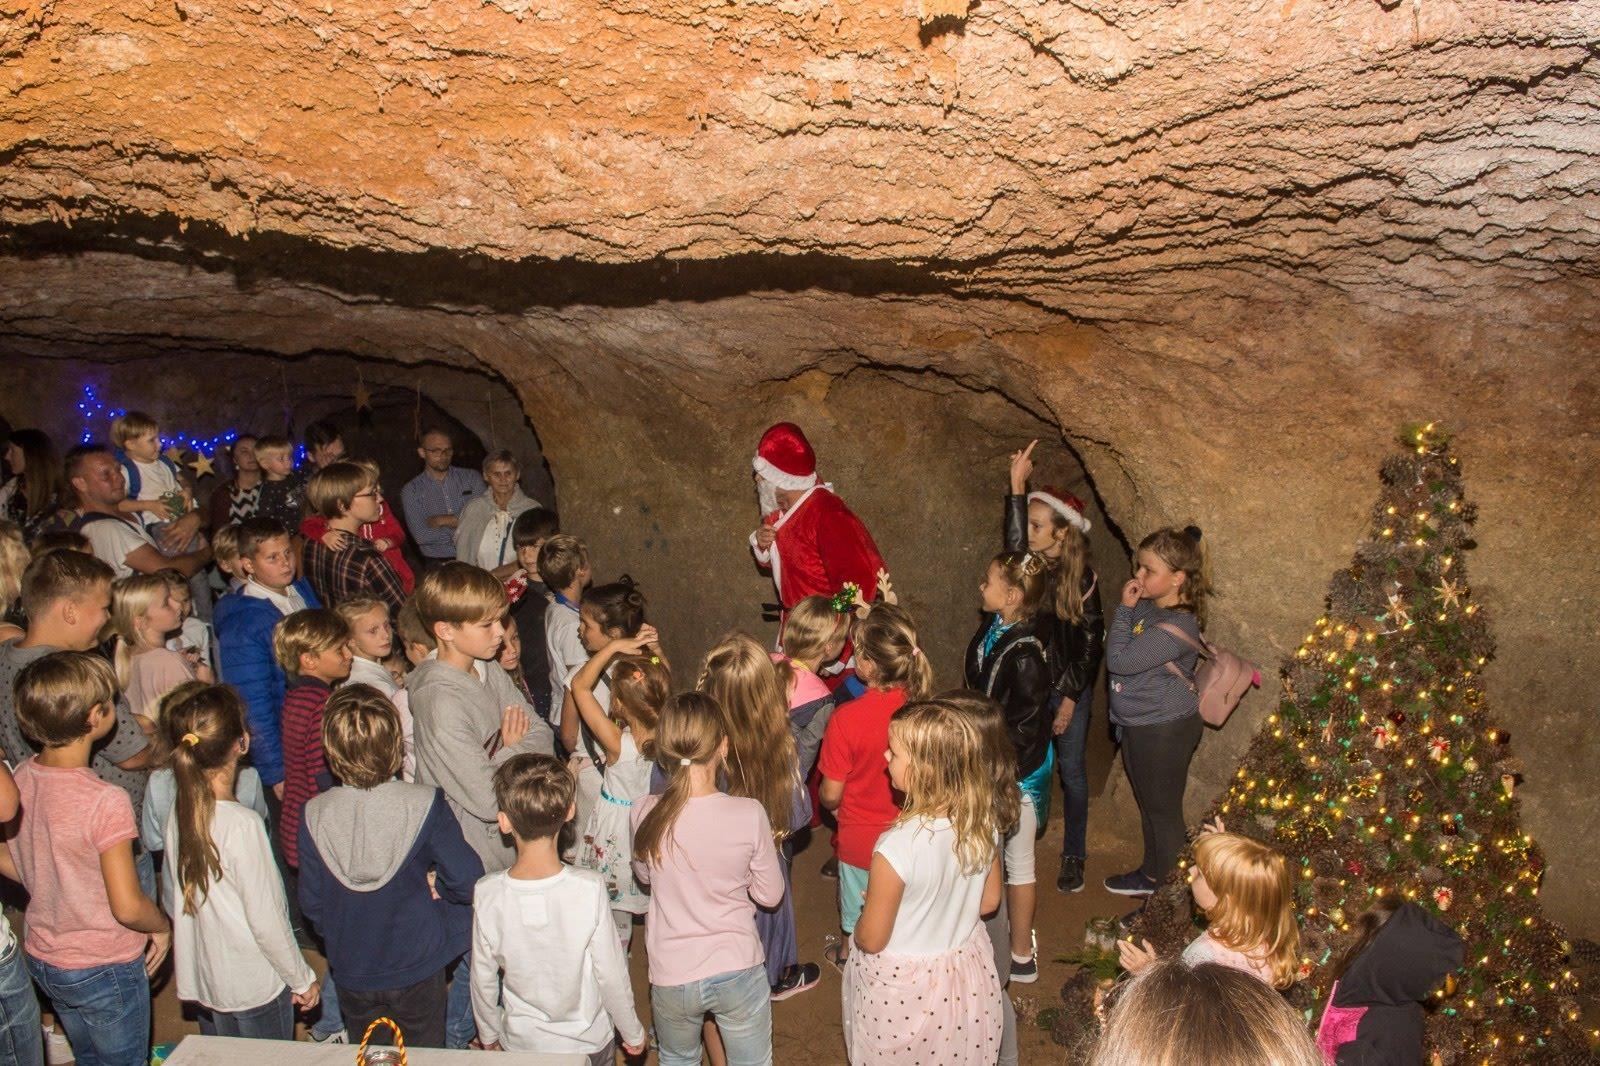 ¡hOLA! Kalėdos! Kalėdinė pasaka Tenerifėje 2018, renginiai, šventės, lietuvių bendruomenė Tenerifėje